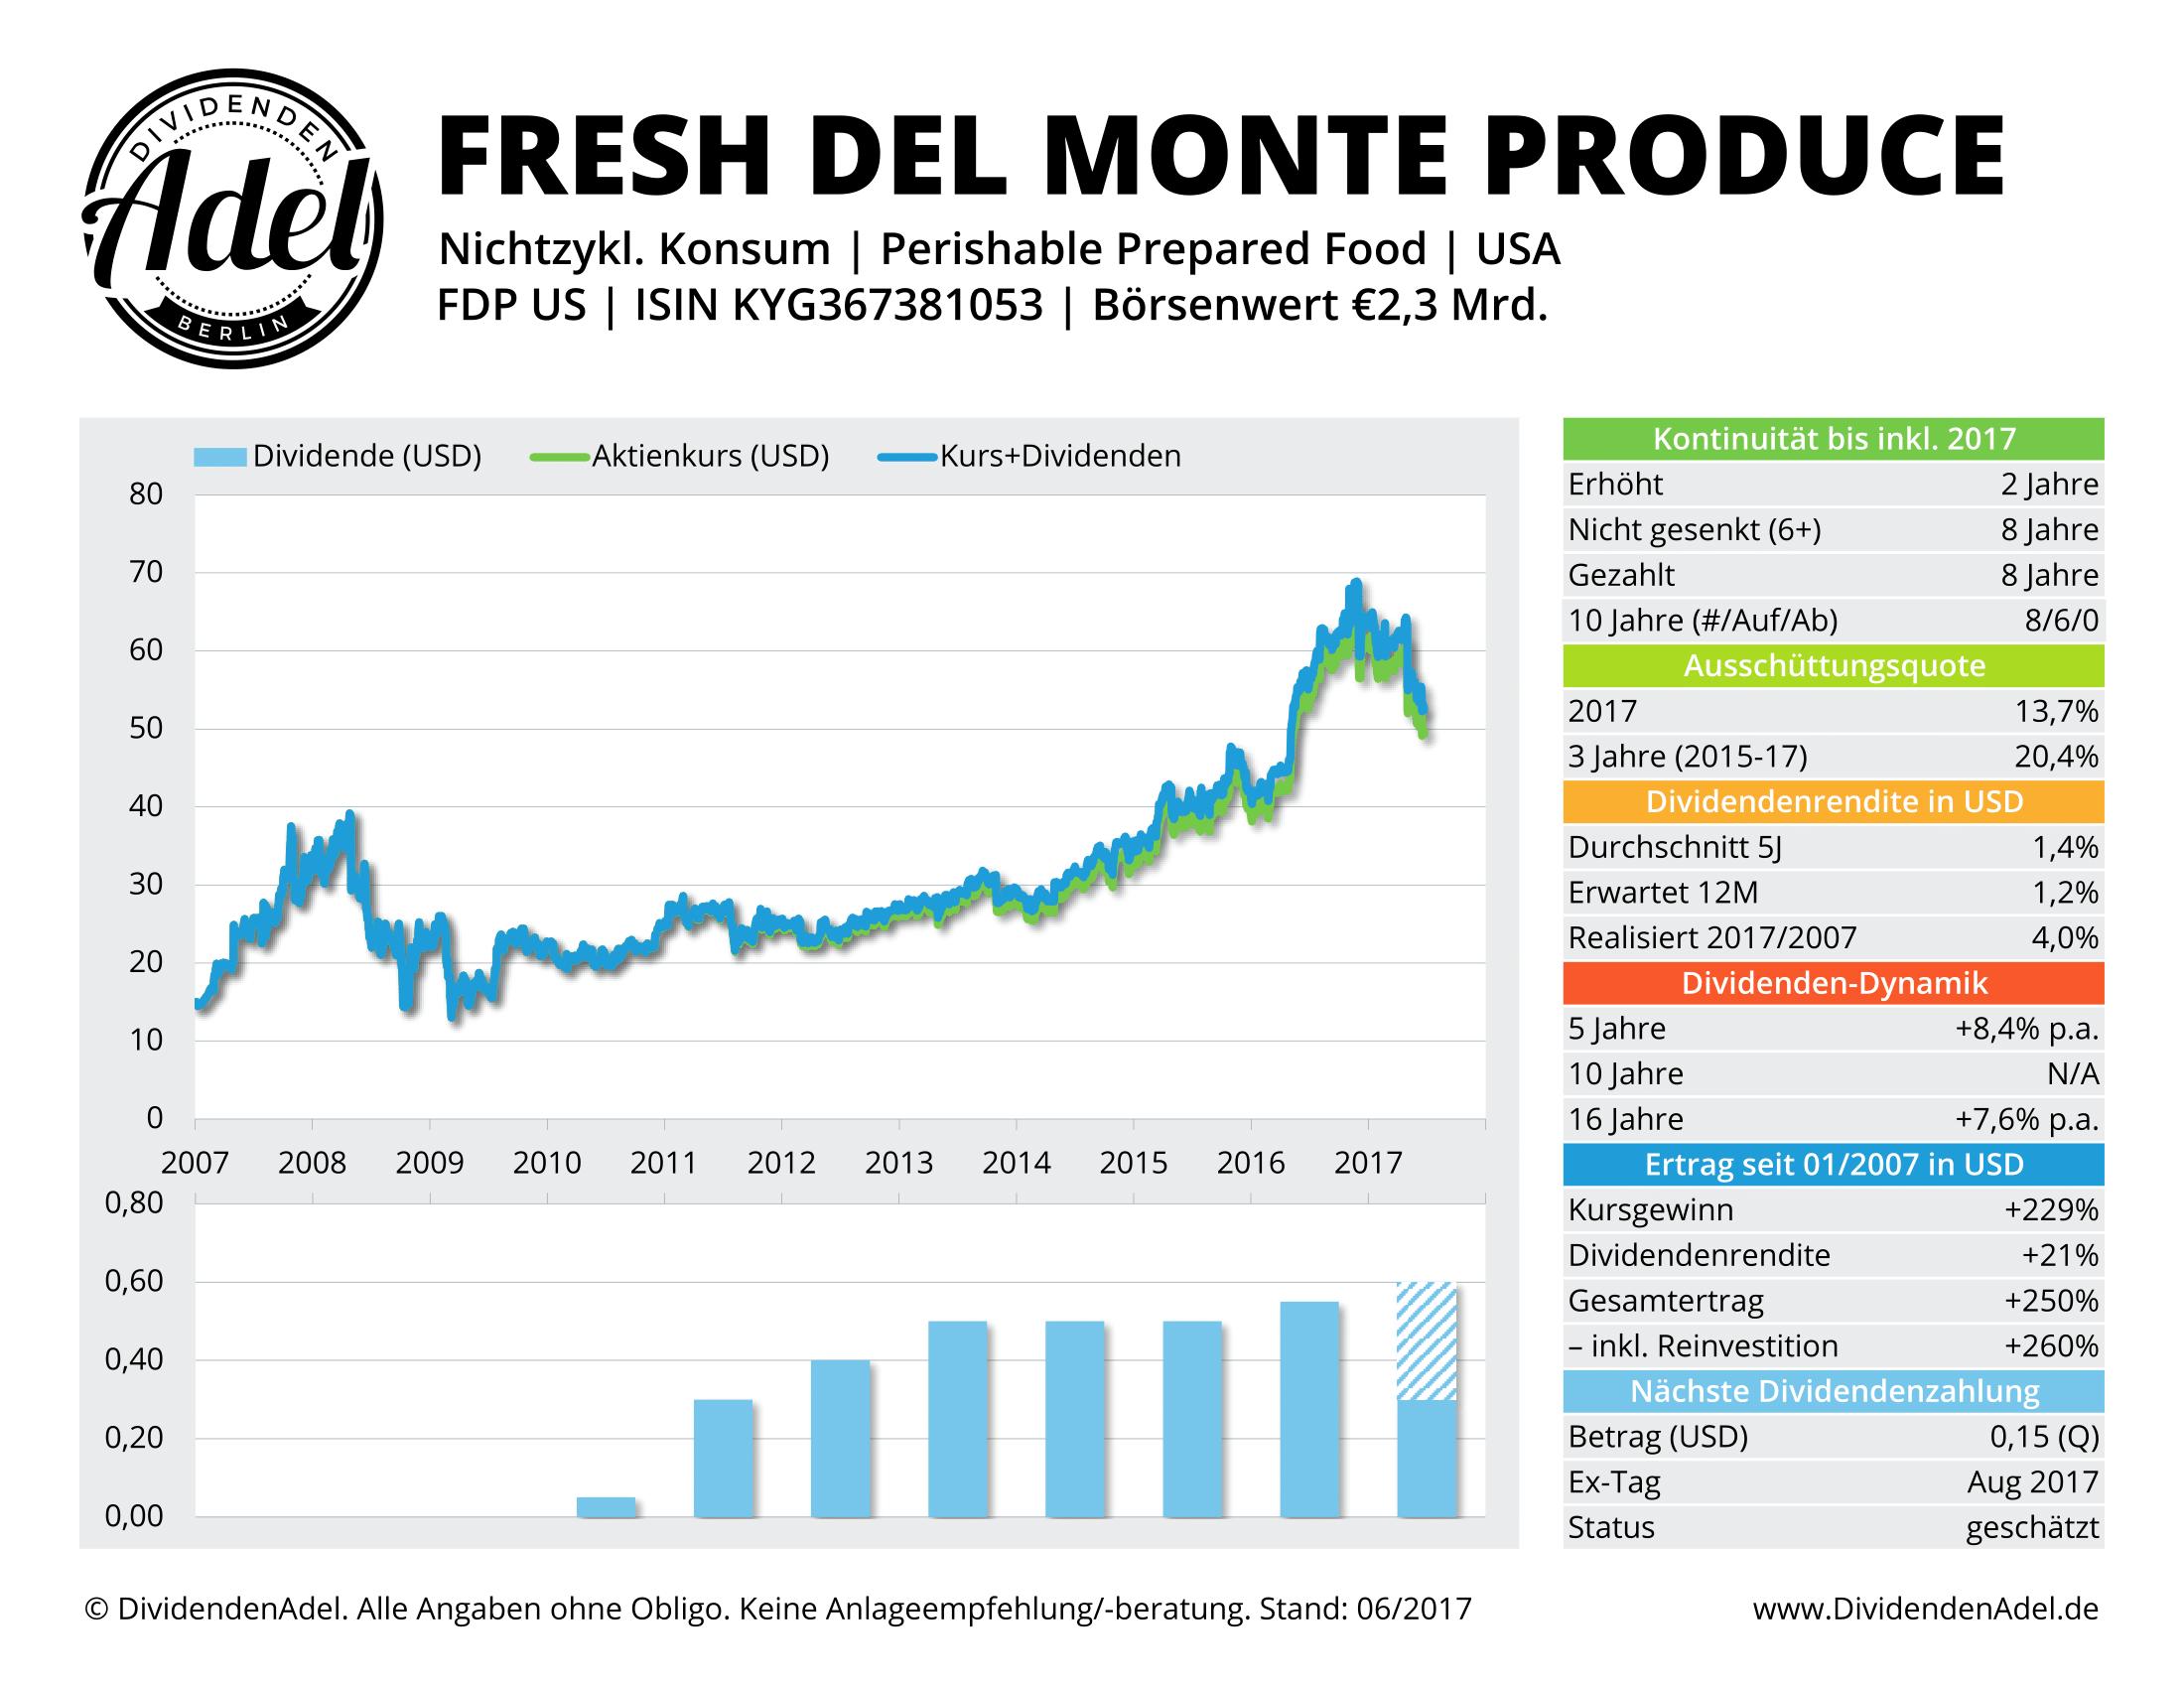 FRESH DEL MONTE DividendenAdel-Profil